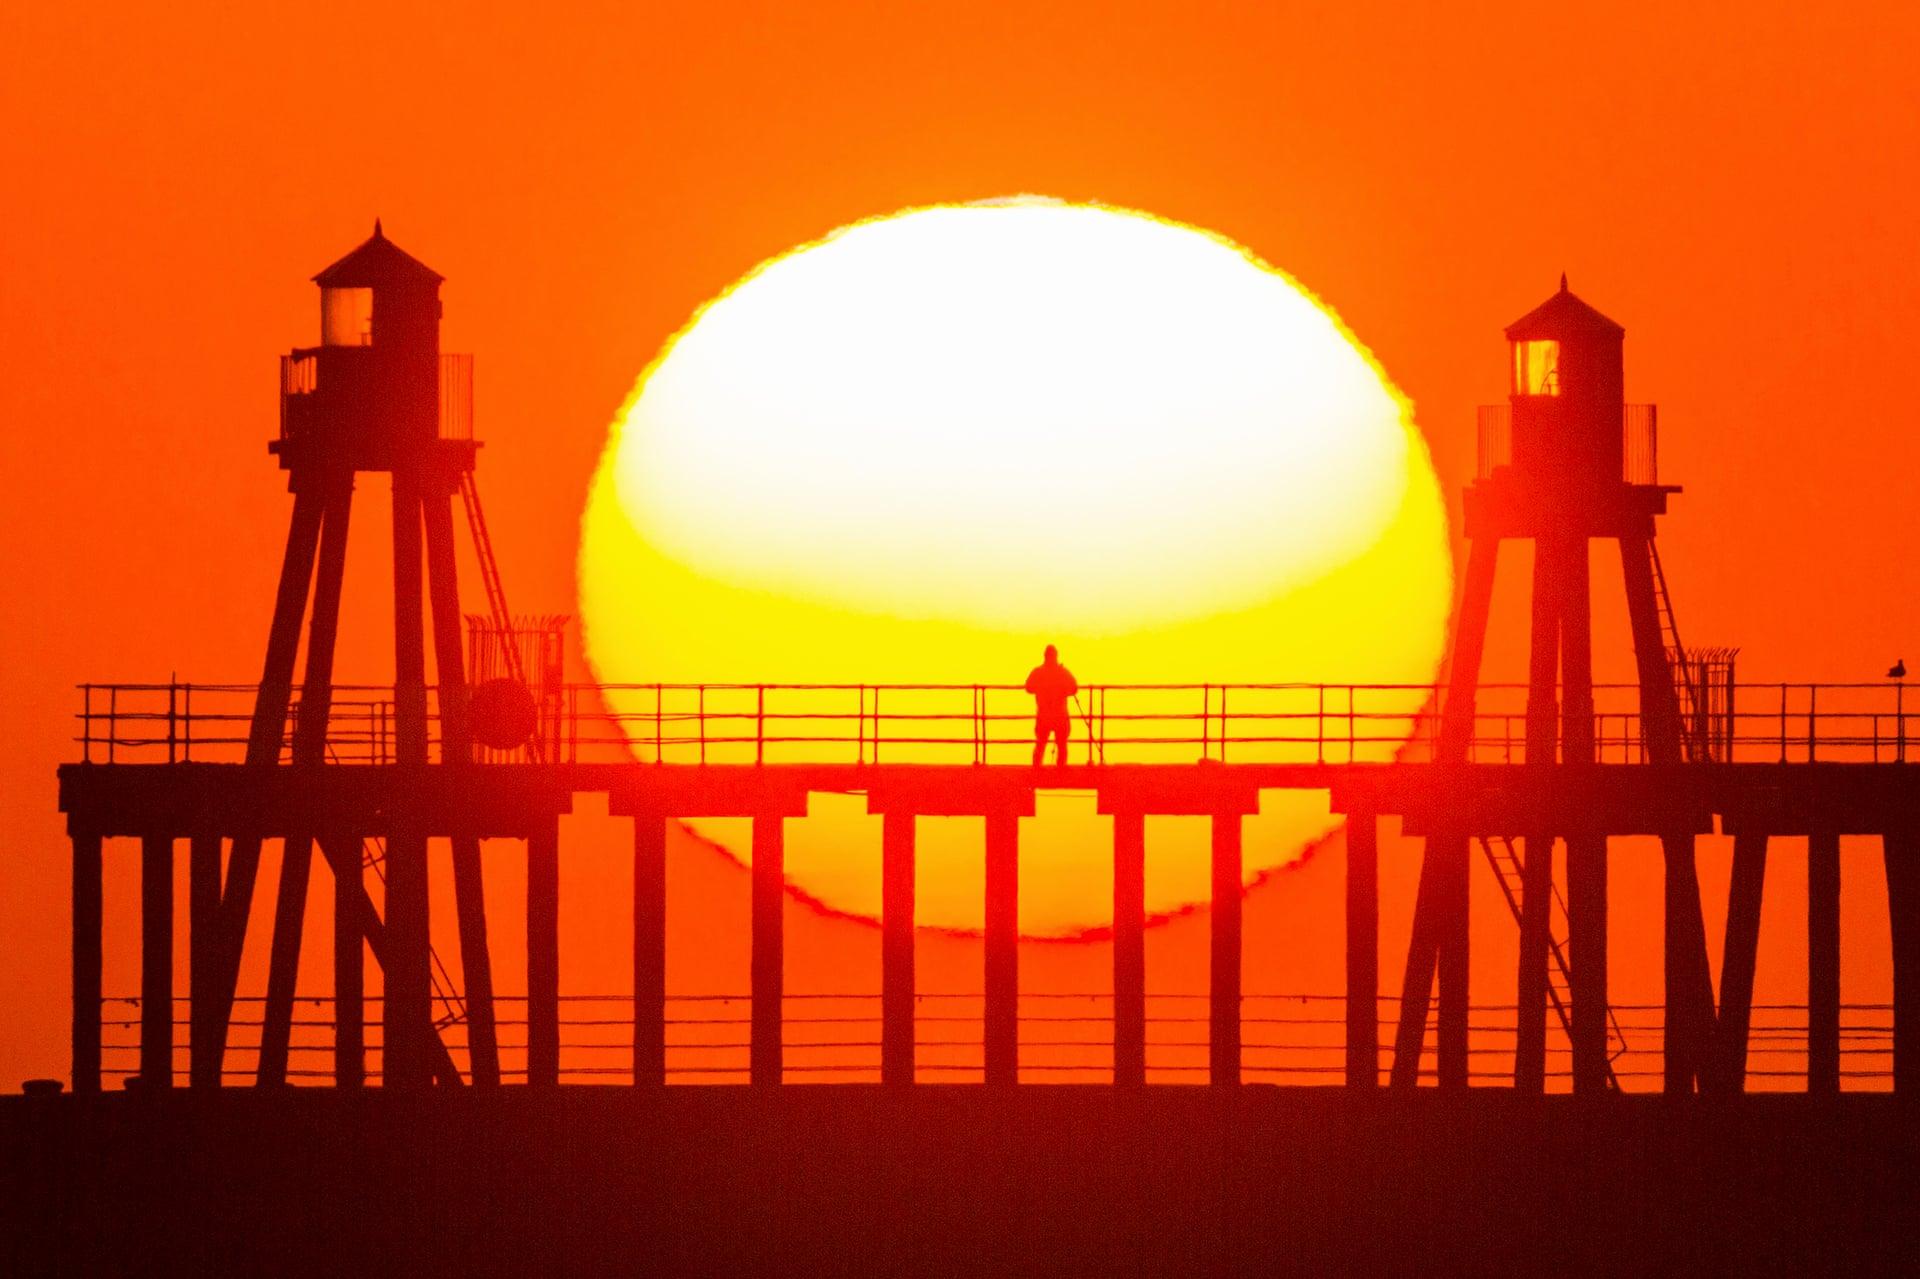 Un uomo da solo sul molo a guardare l'alba sulla costa del North Yorkshire